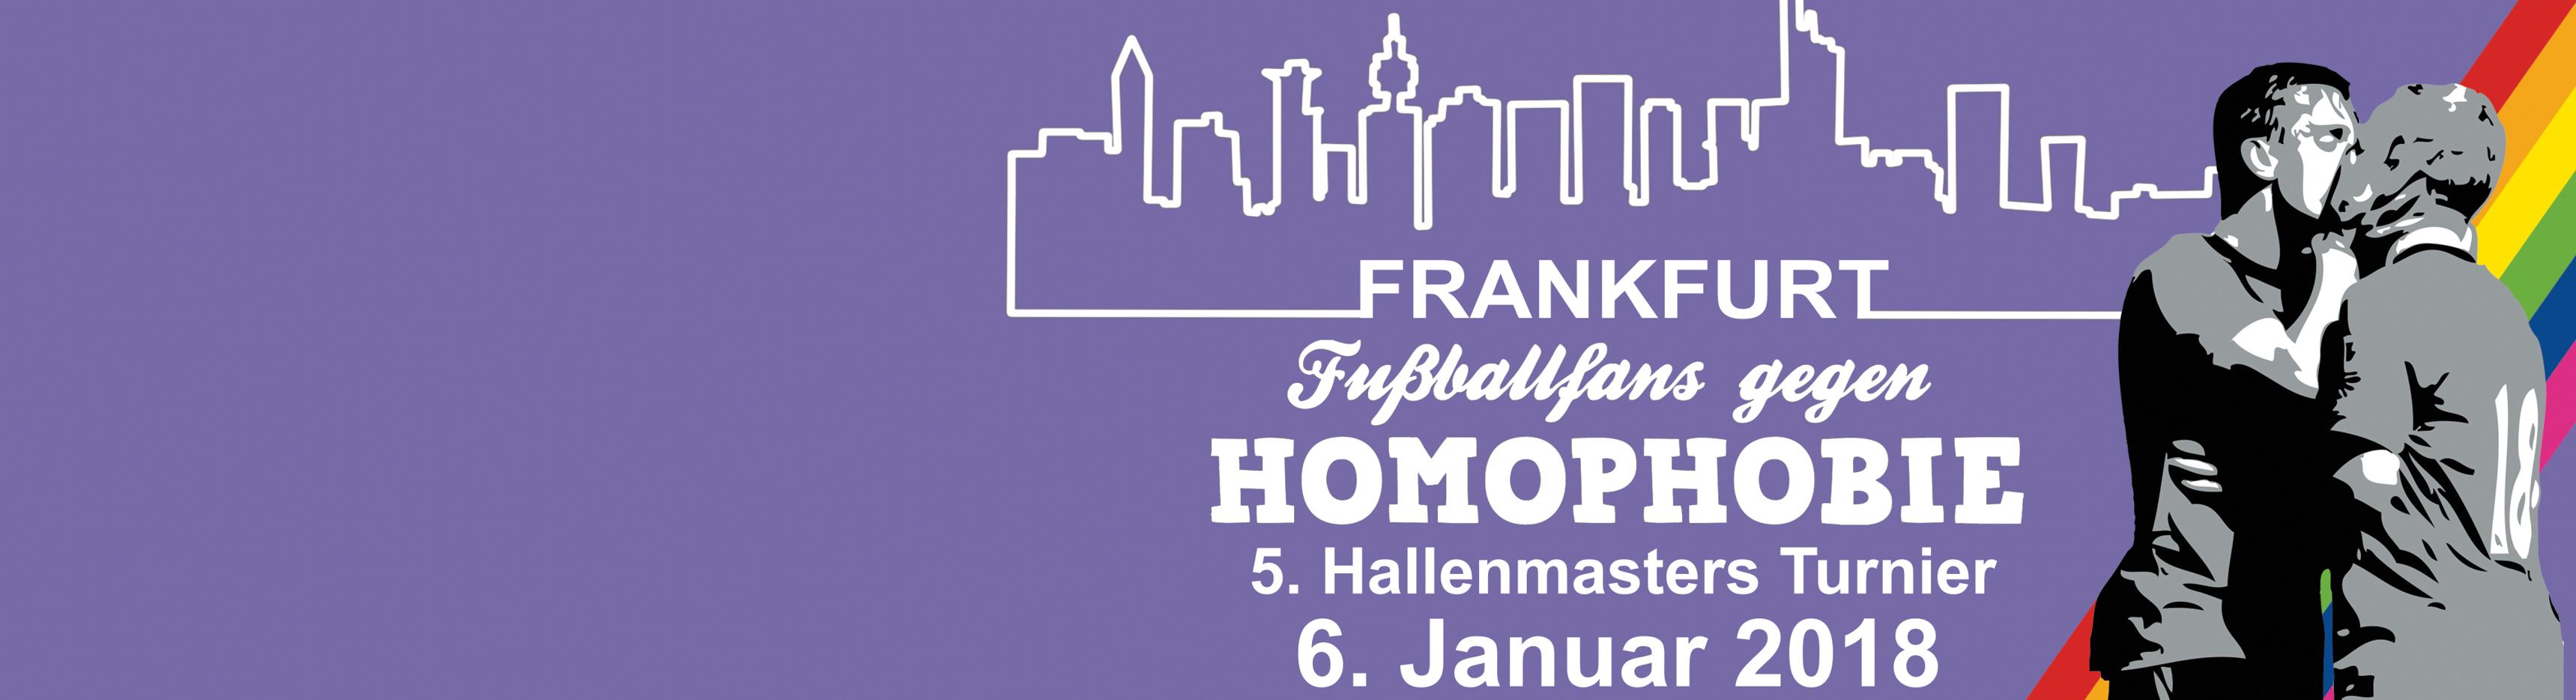 ffgh_frankfurt